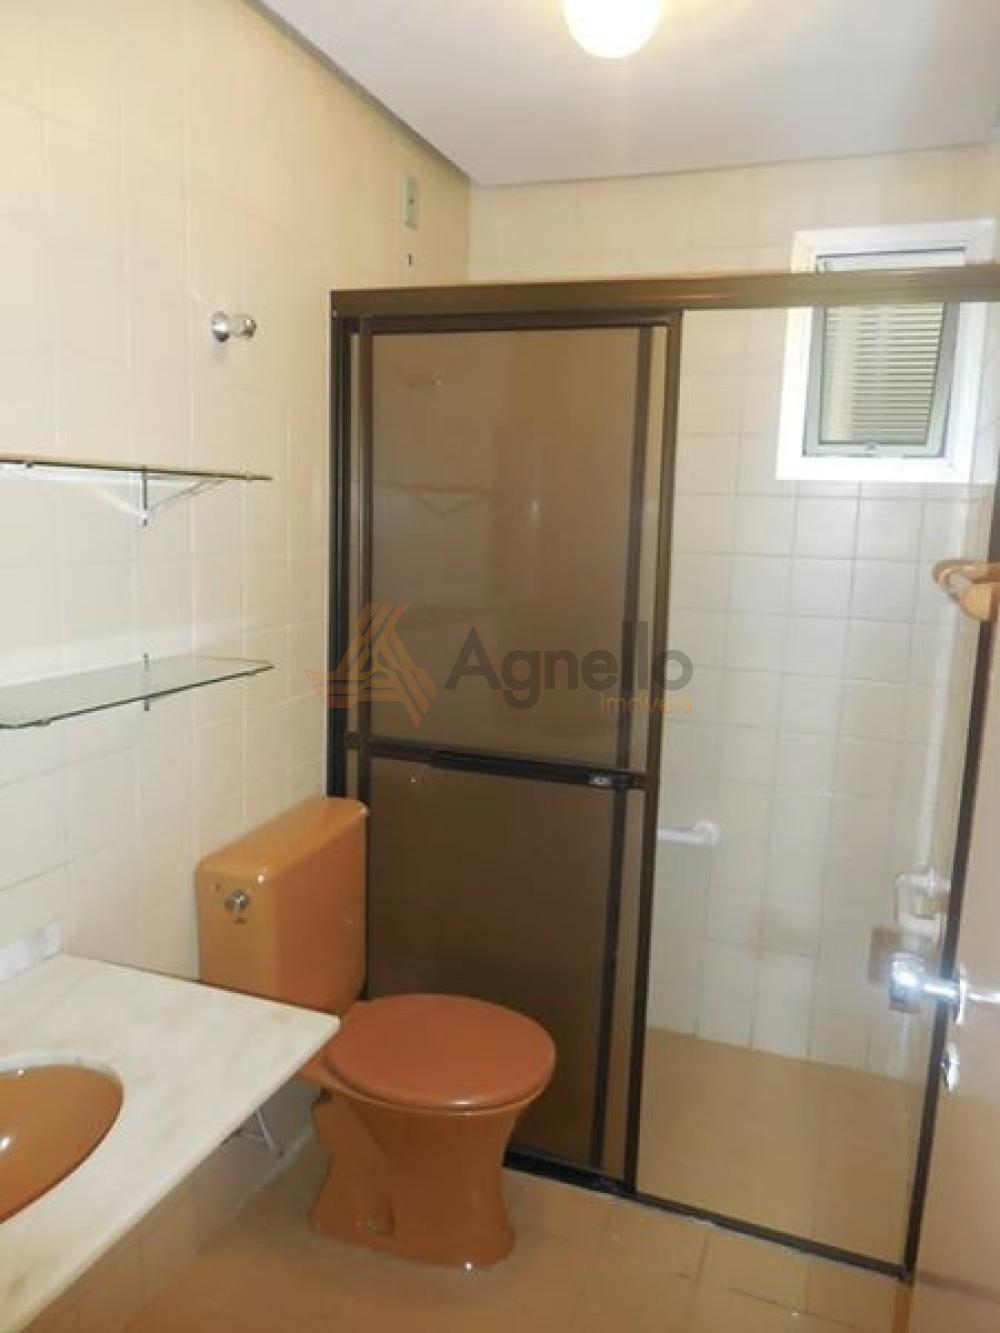 Comprar Apartamento / Padrão em Franca apenas R$ 310.000,00 - Foto 6